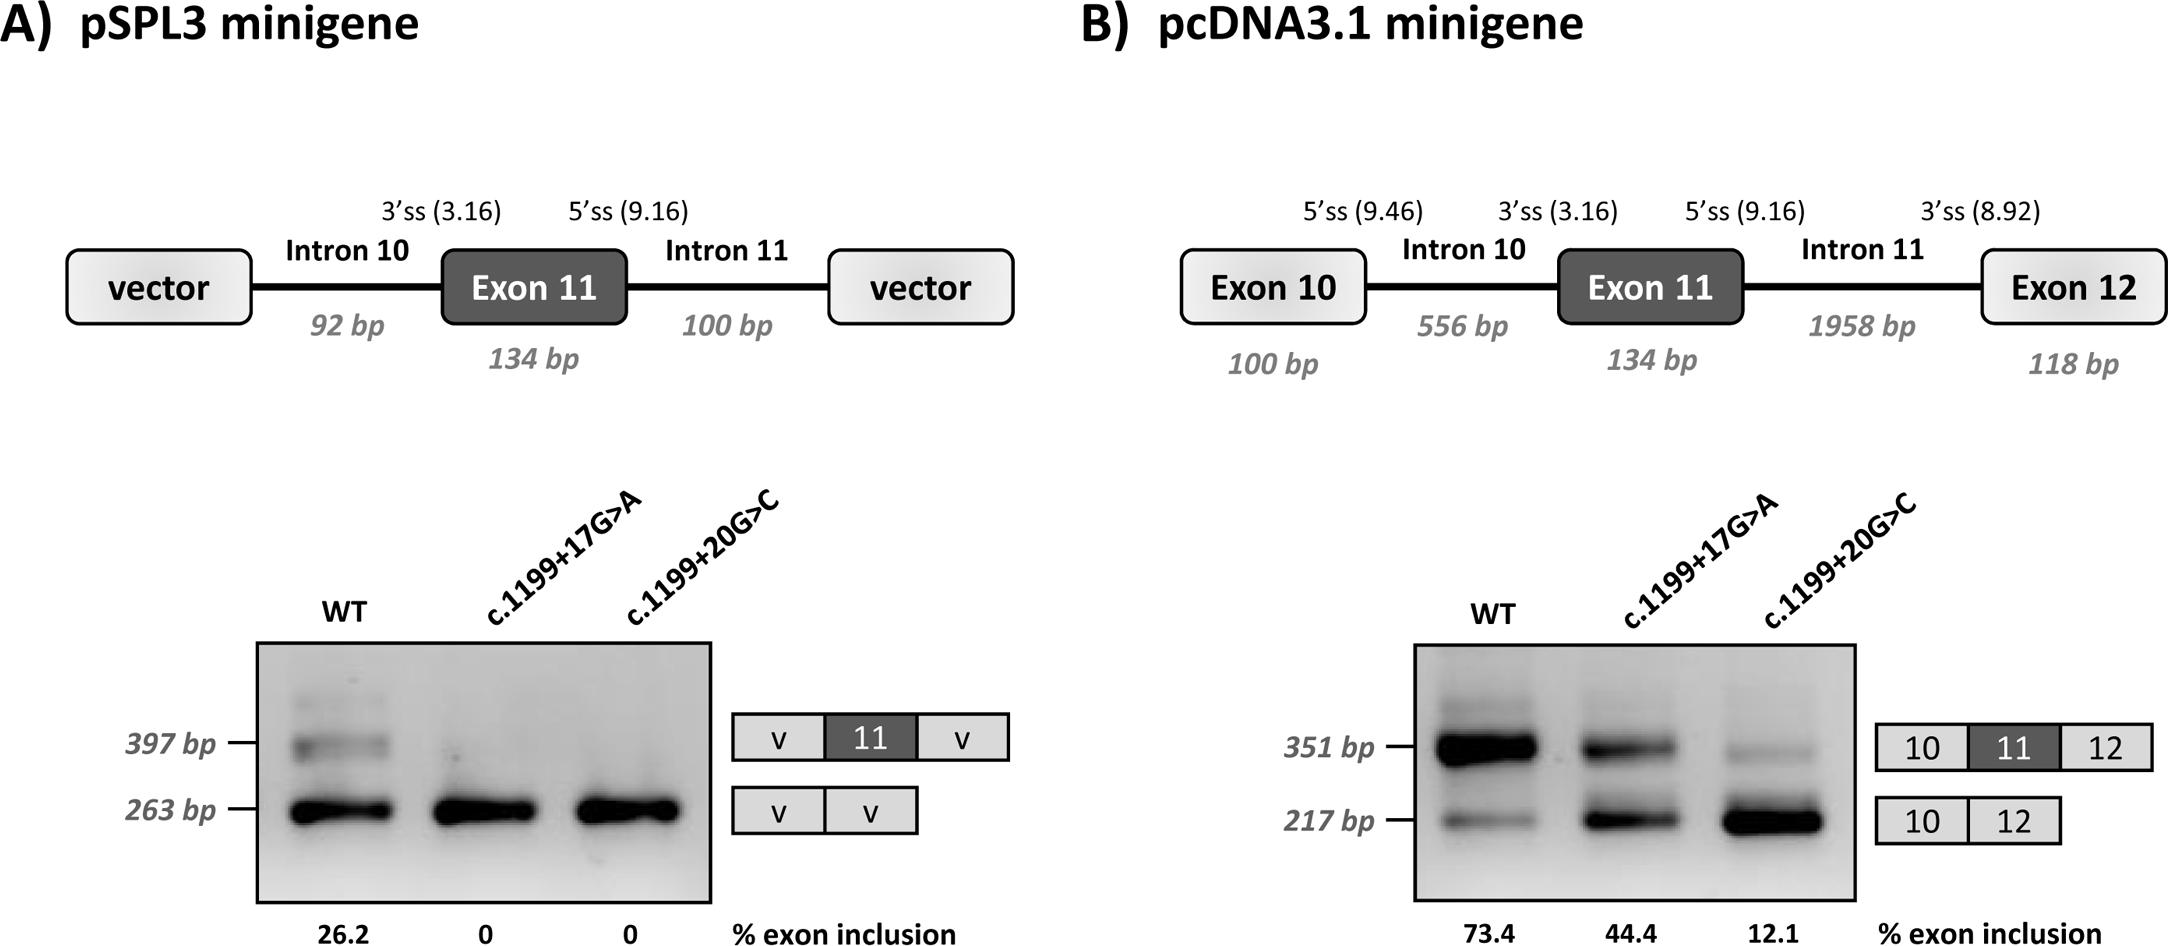 Minigene analysis of the c.1199+17G>C and c.1199+20G>C variants.